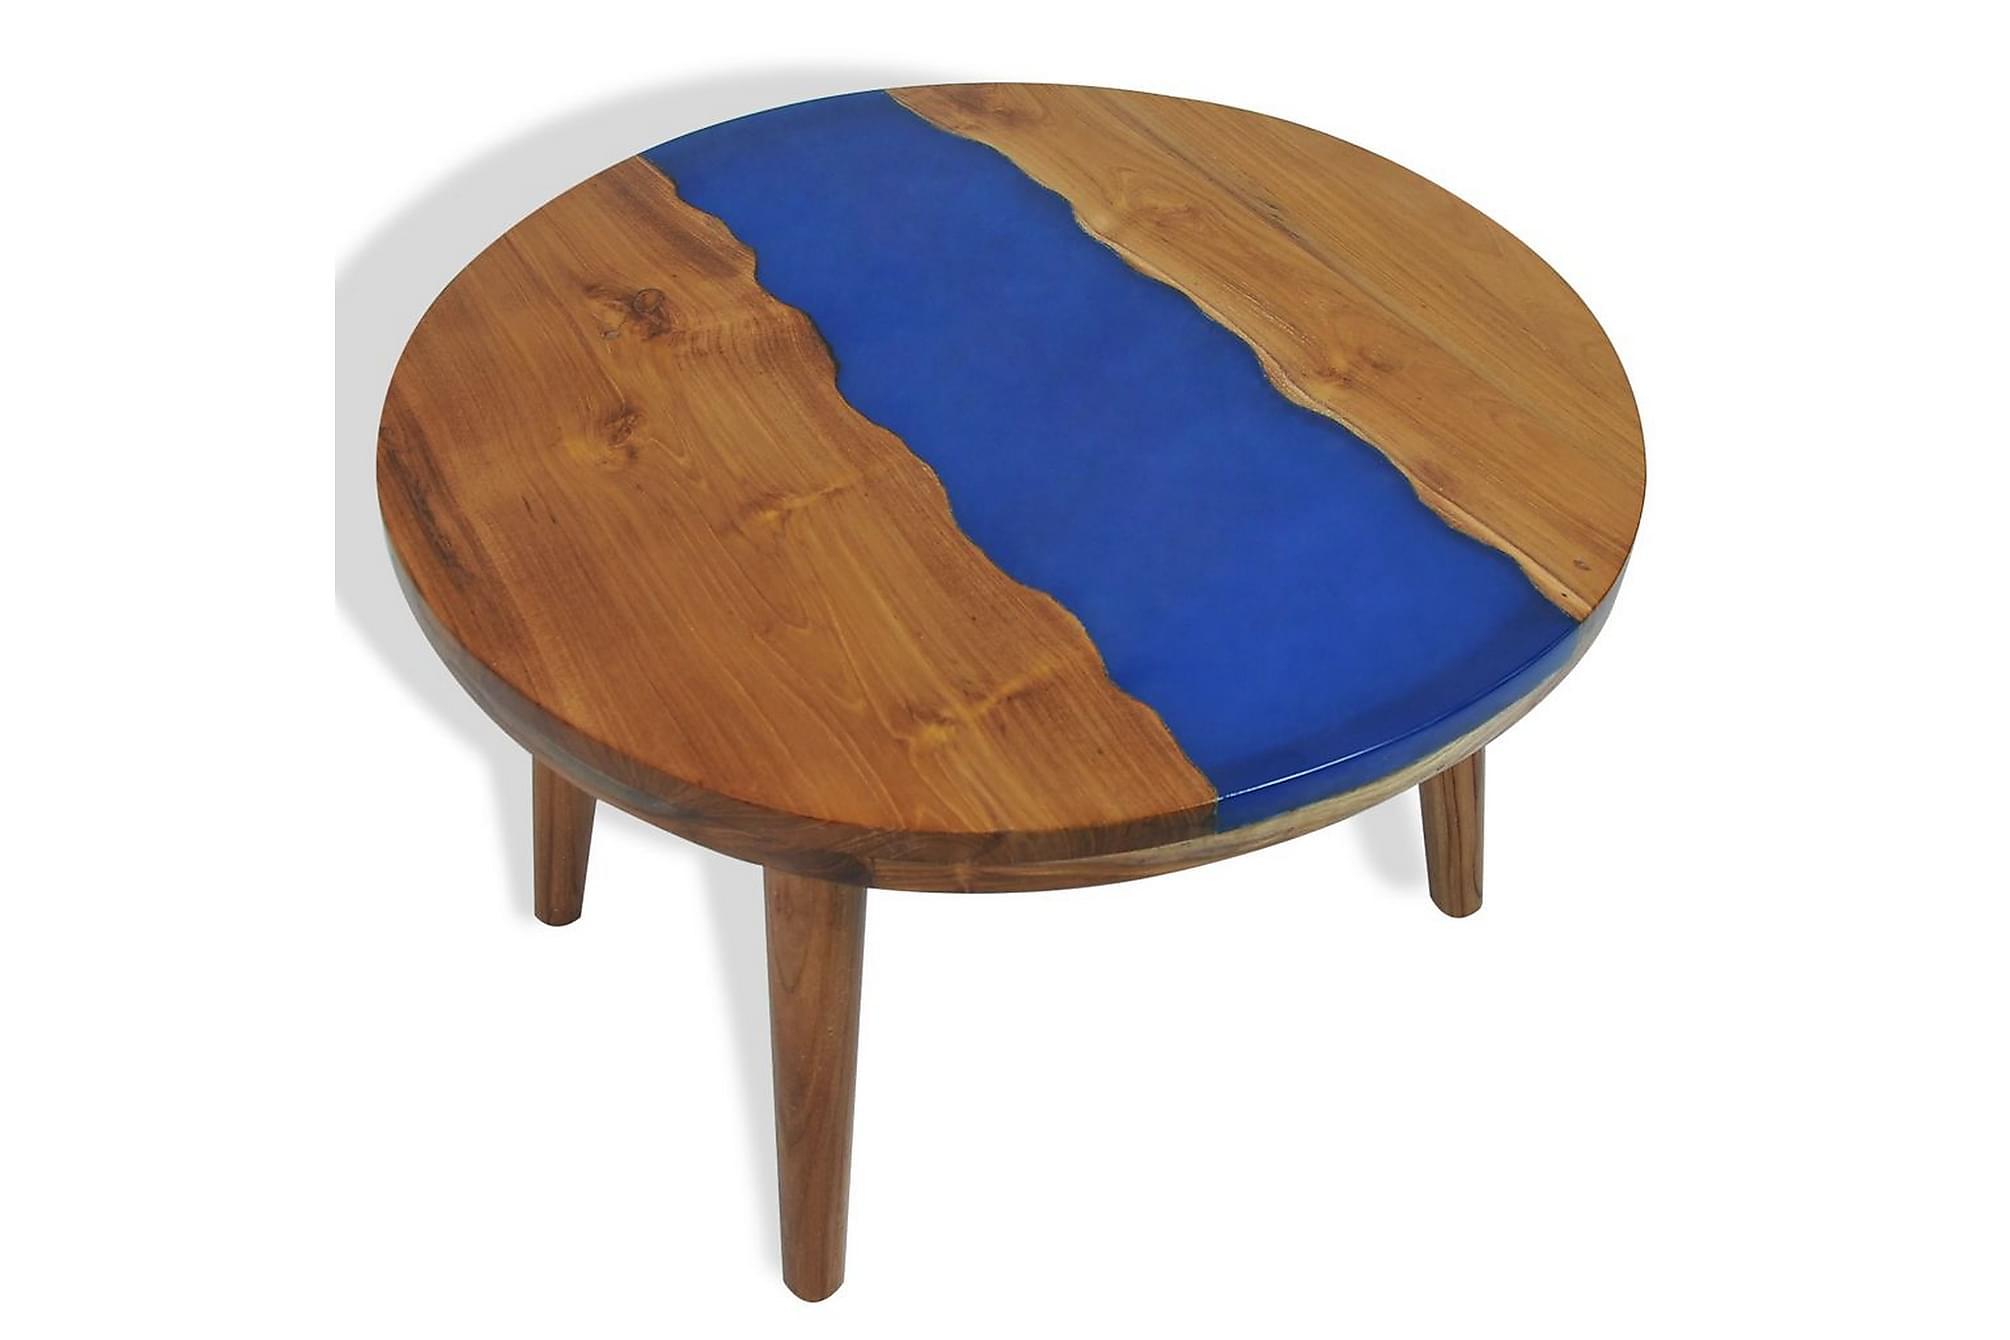 Soffbord teakträ harts 60x40 cm